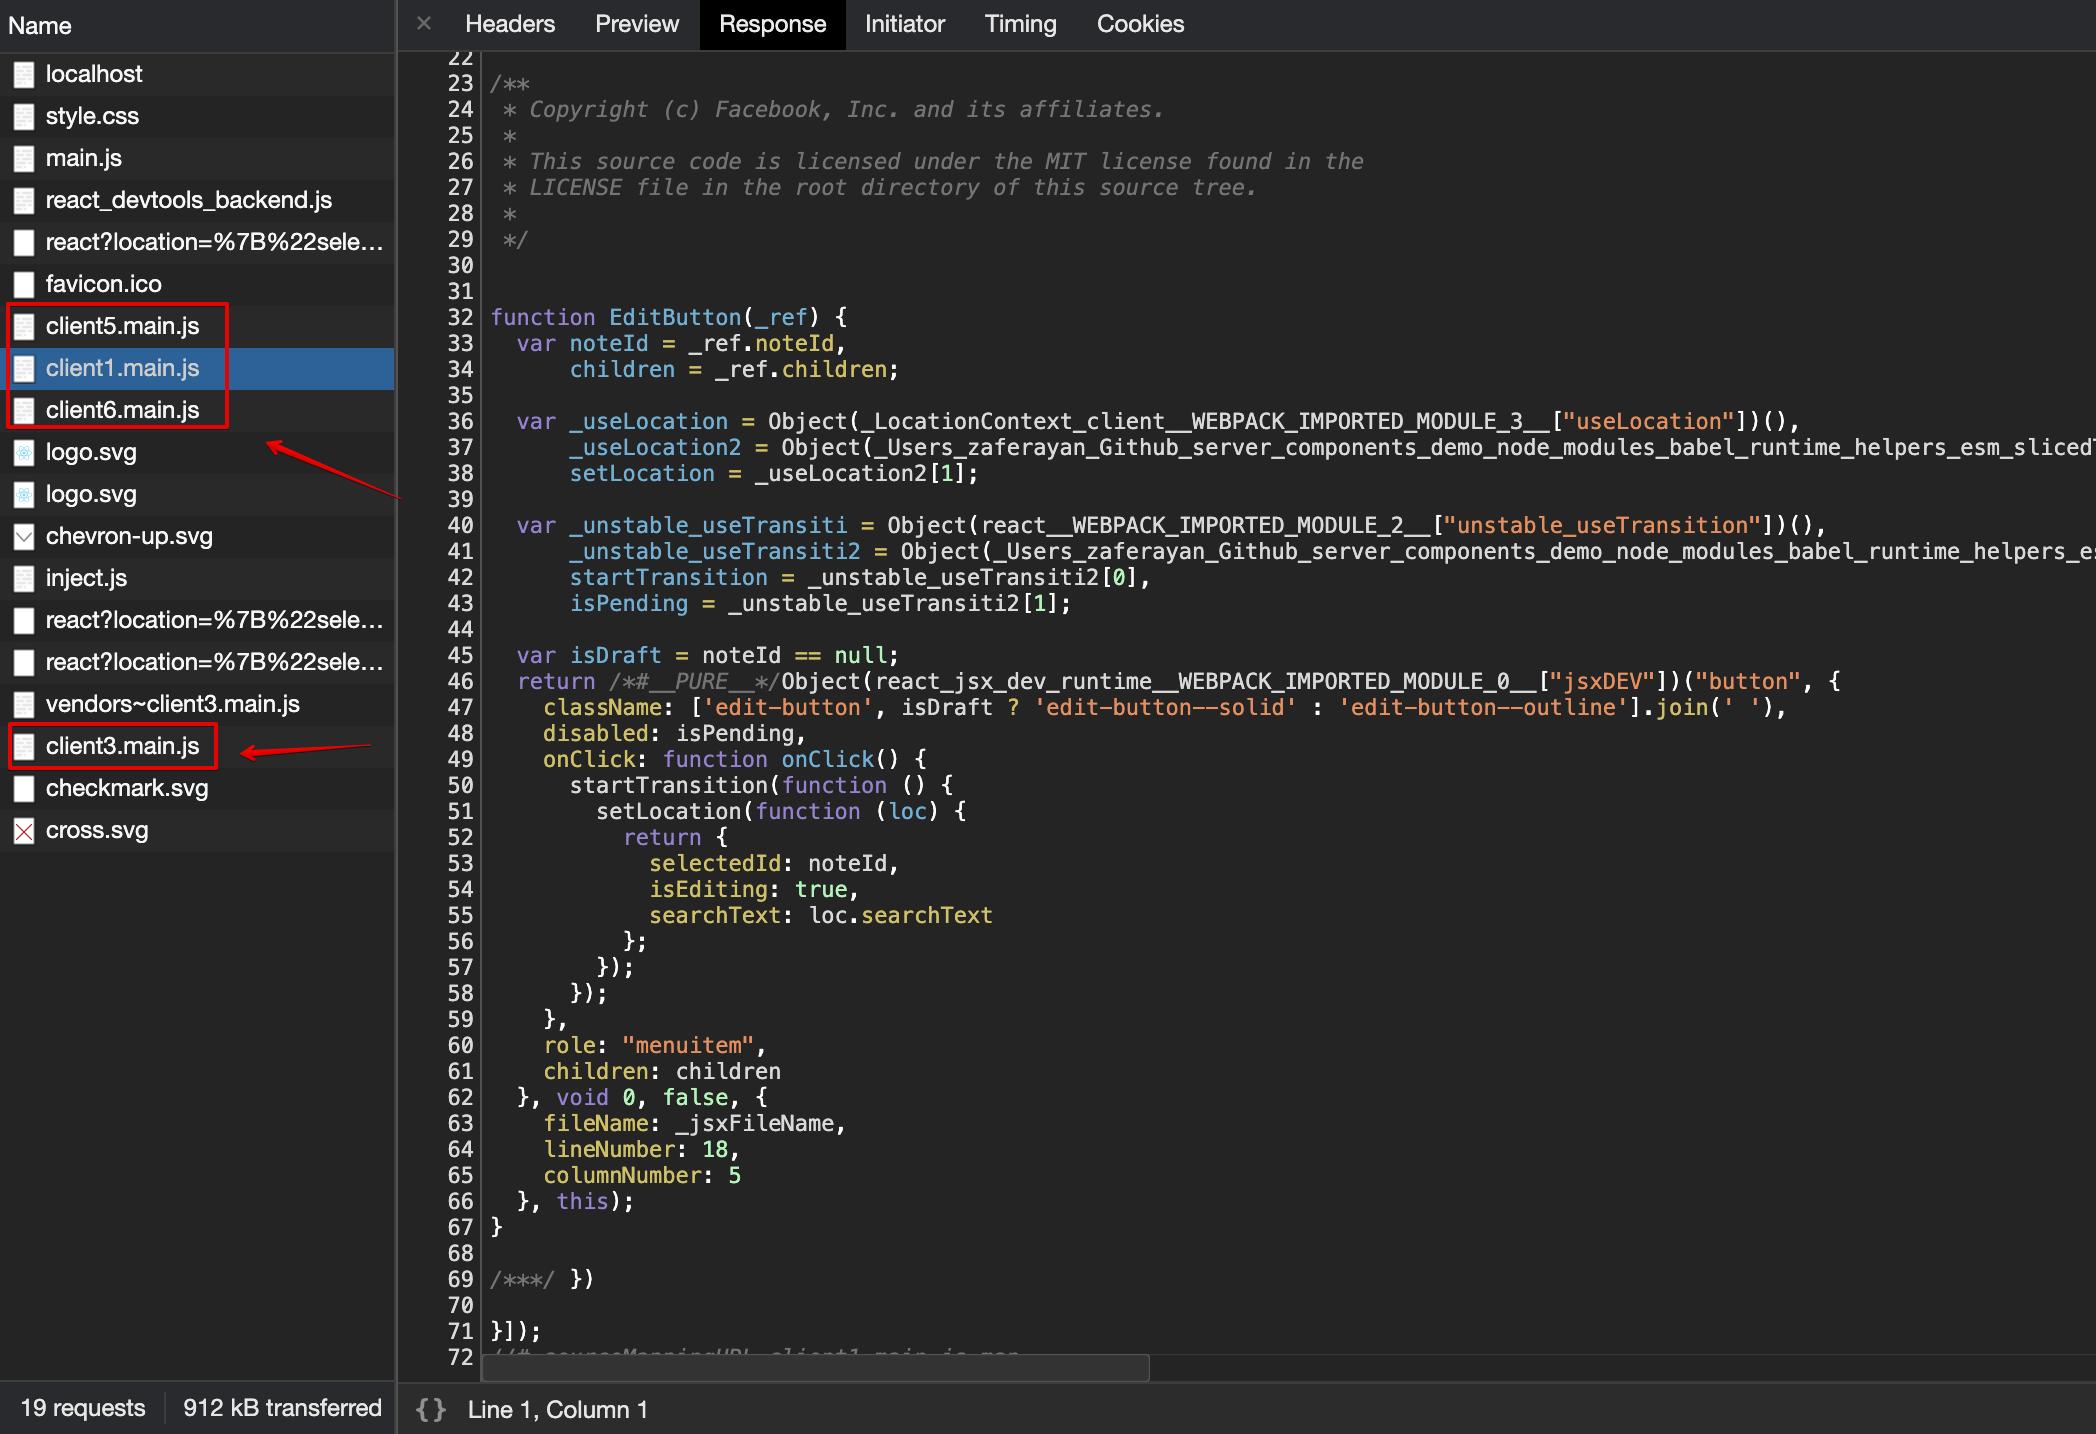 Code-splitting sonucu ayrı dosyalar halinde gelen bileşenler